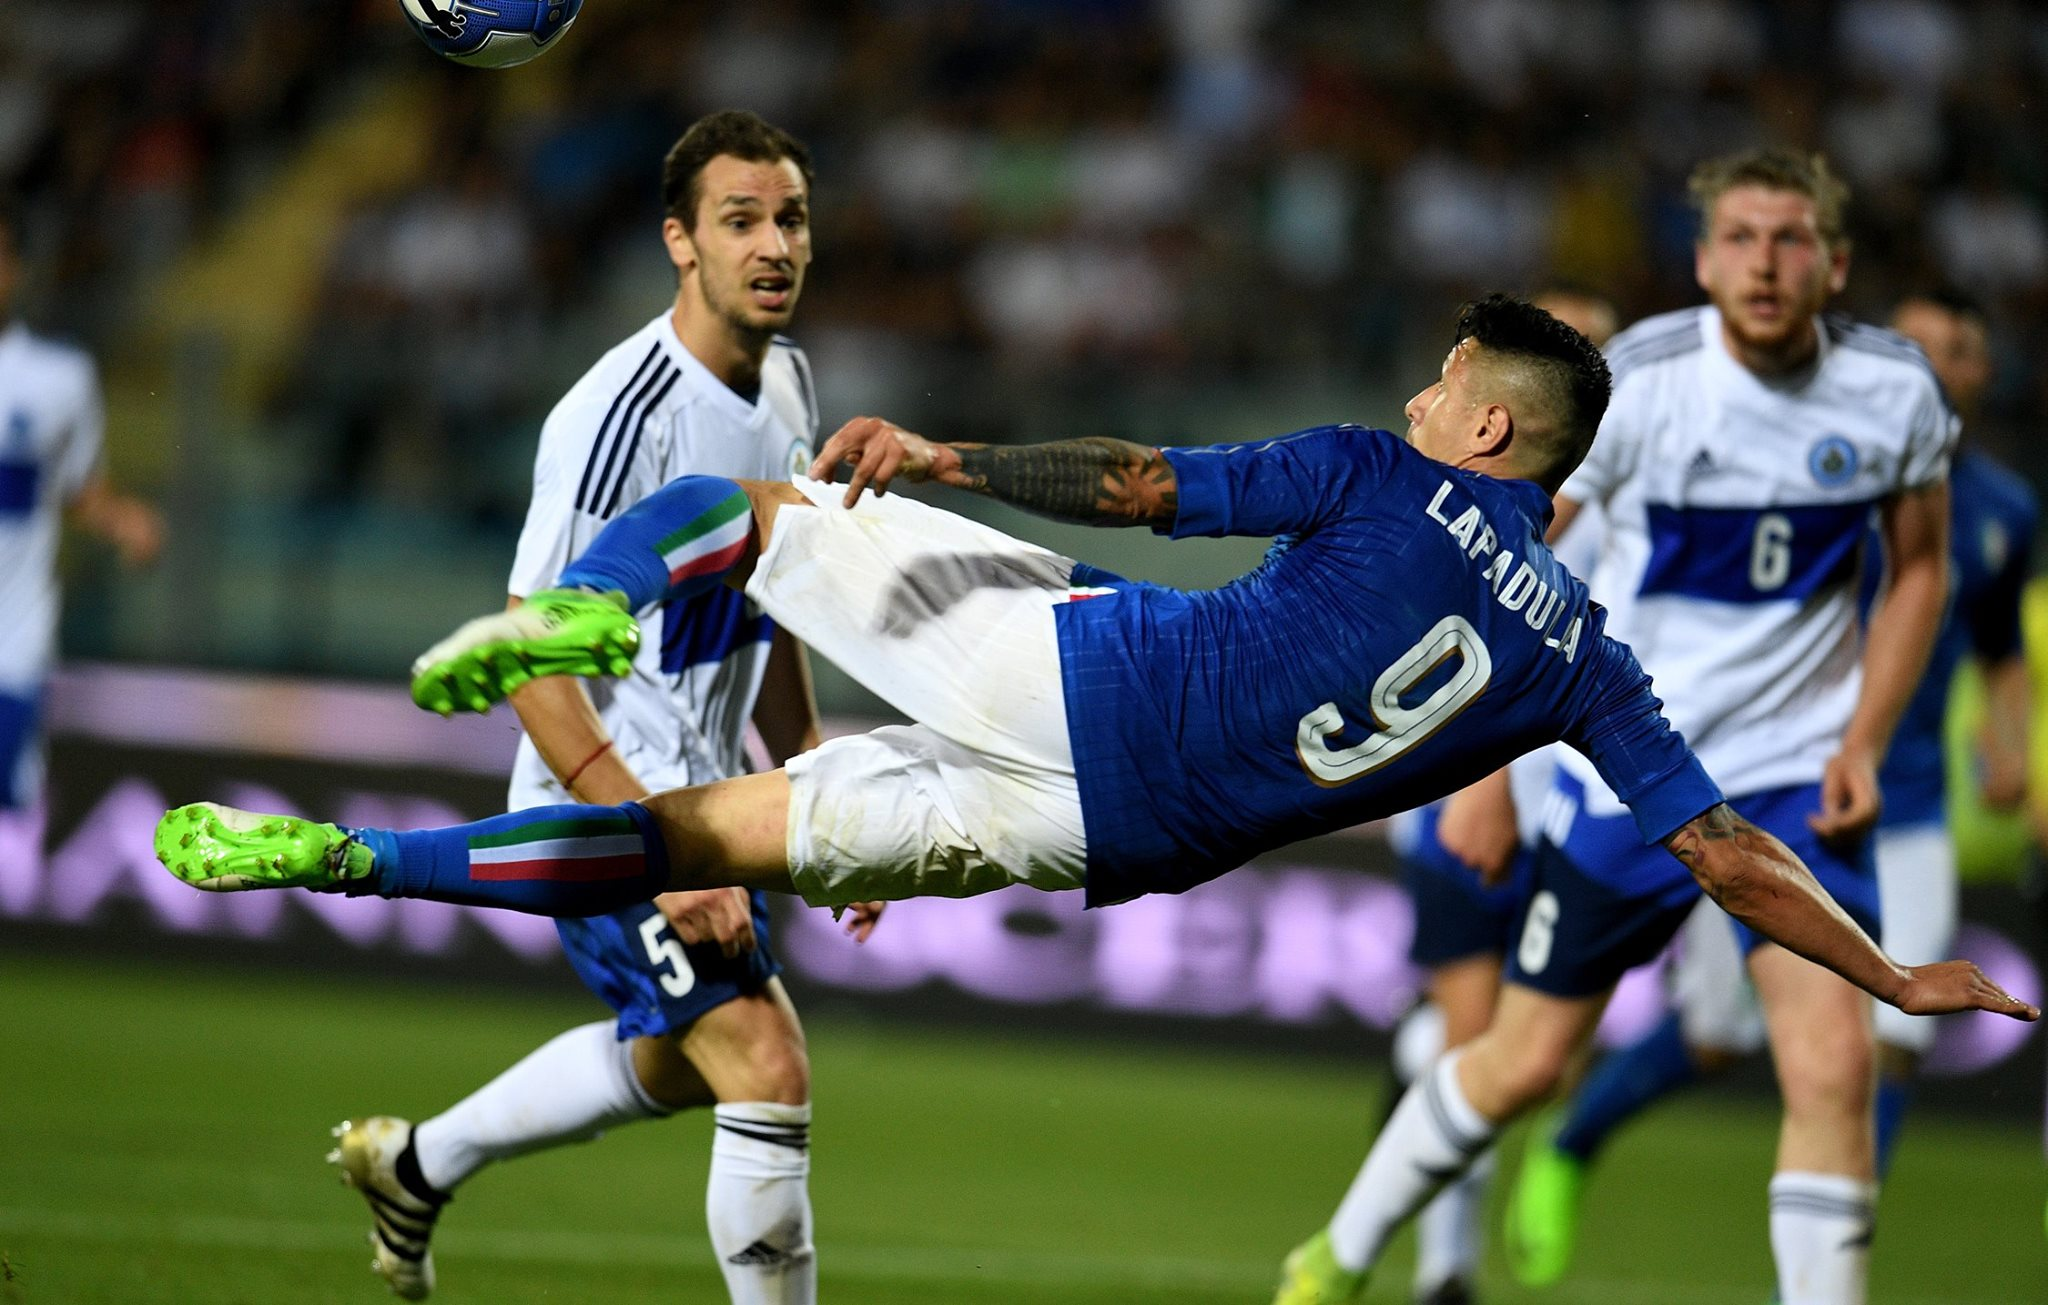 L'Italia dei giovani c'è: gli azzurri asfaltano San Marino - Mondiali.it